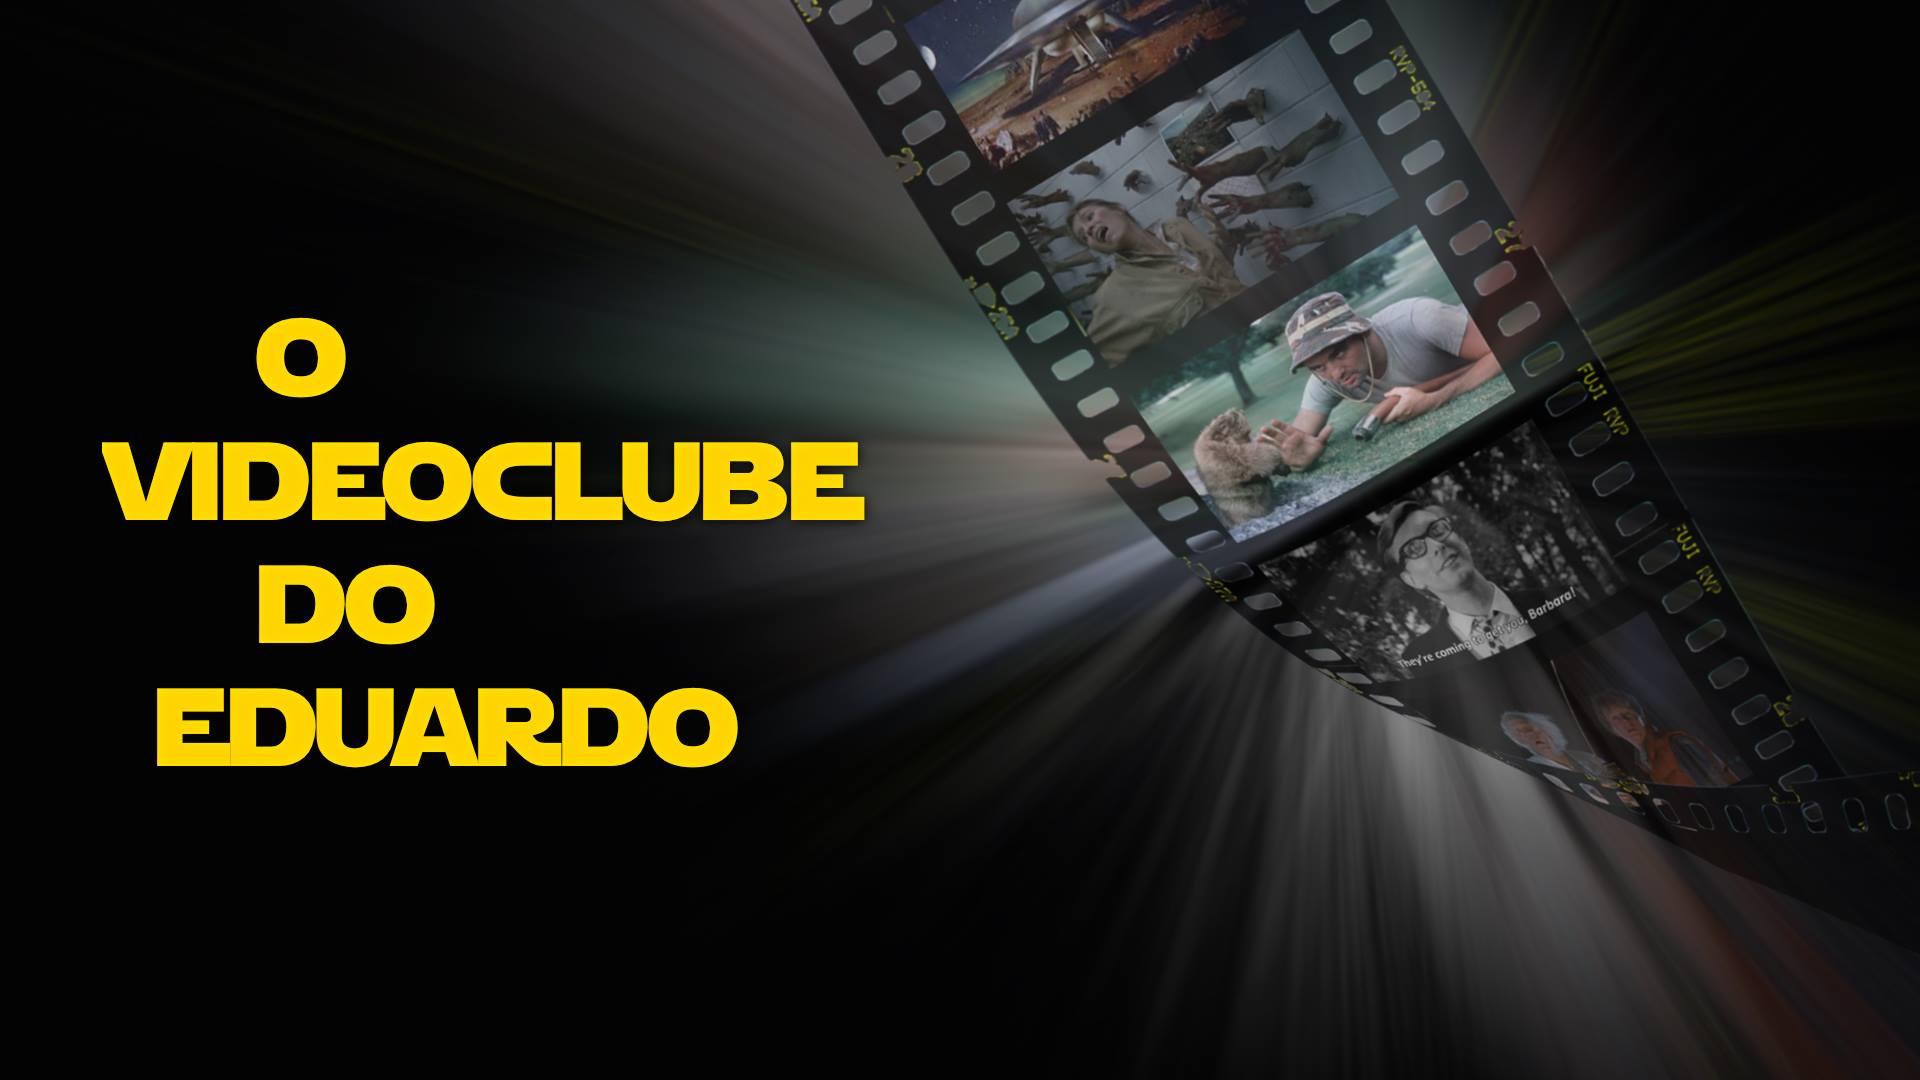 O videoclube do Eduardo_2